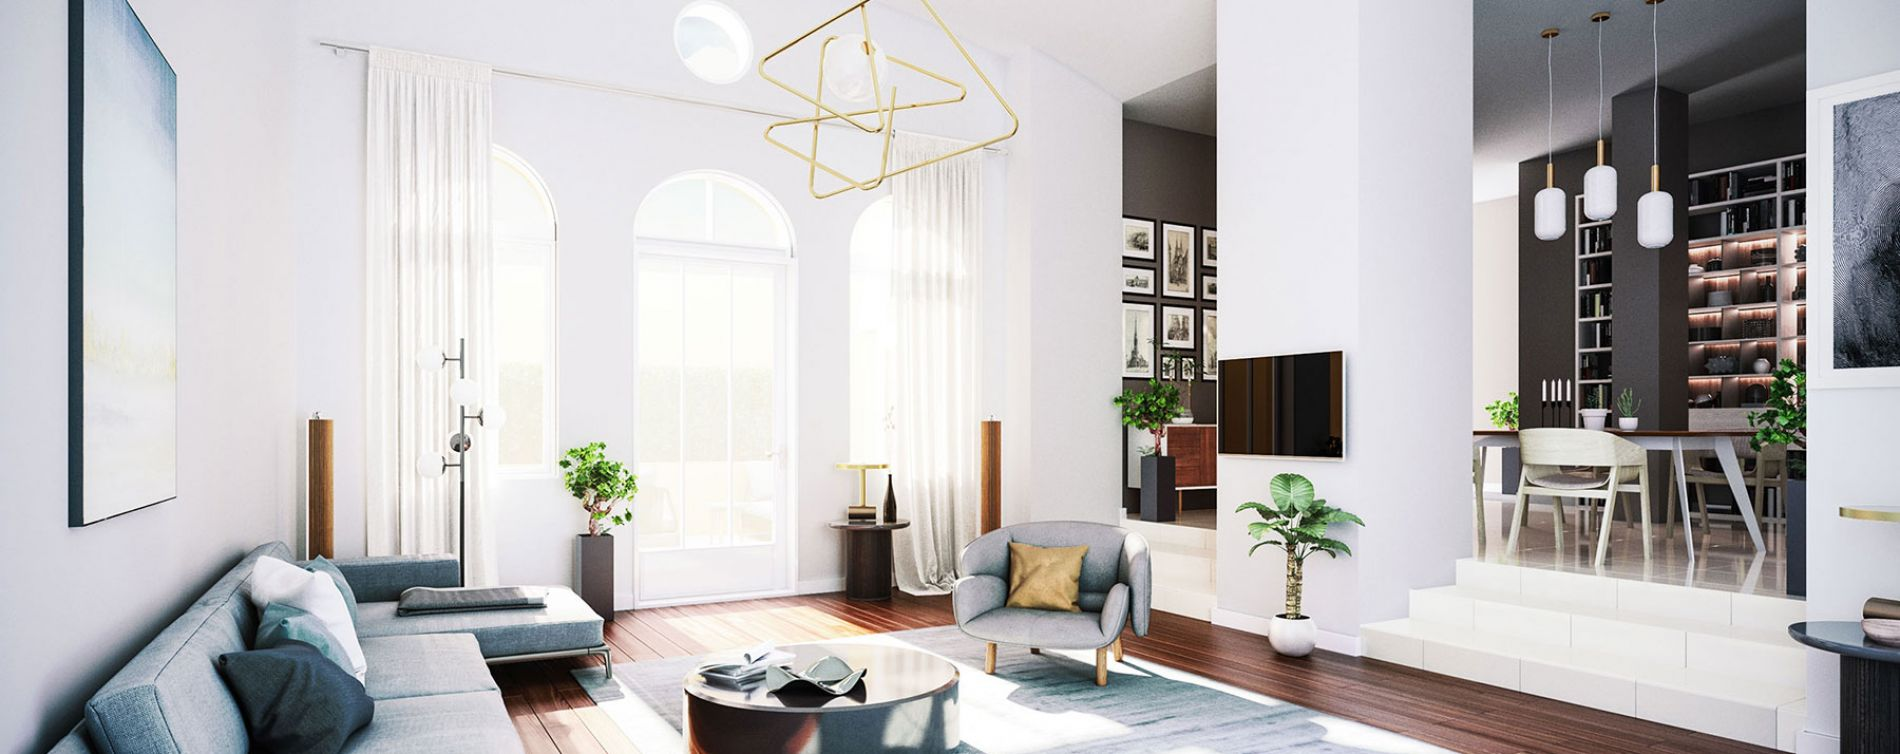 Colmar : programme immobilier à rénover « Cour Saint-Nicolas » en Loi Malraux (2)